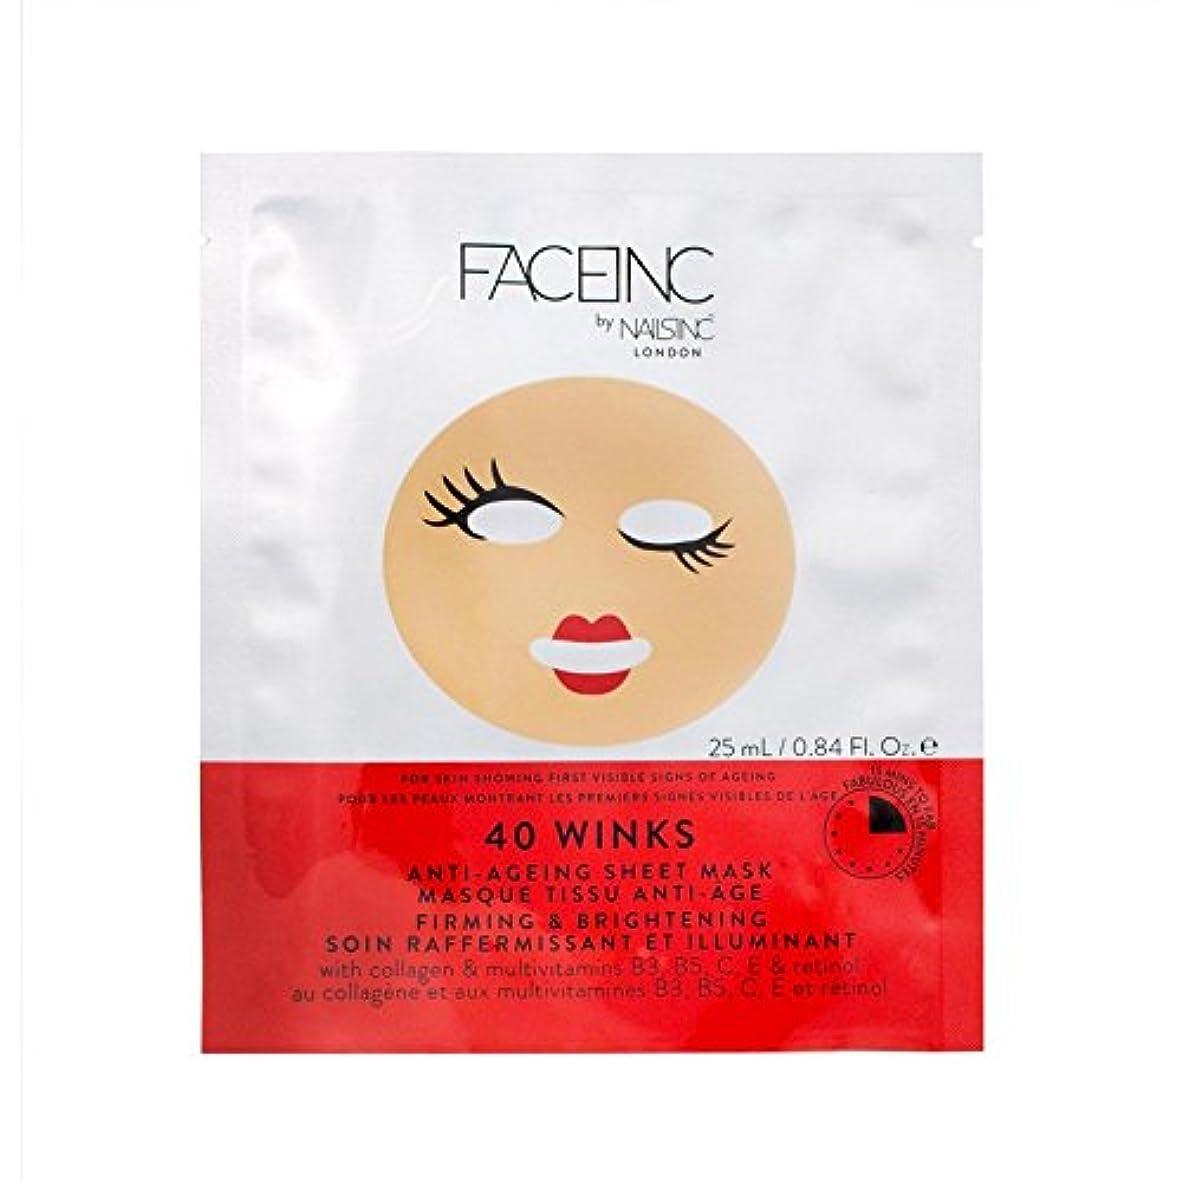 の量台無しにアクセサリー爪が株式会社顔株式会社40のウィンクは、マスク x2 - Nails Inc. Face Inc 40 Winks Mask (Pack of 2) [並行輸入品]